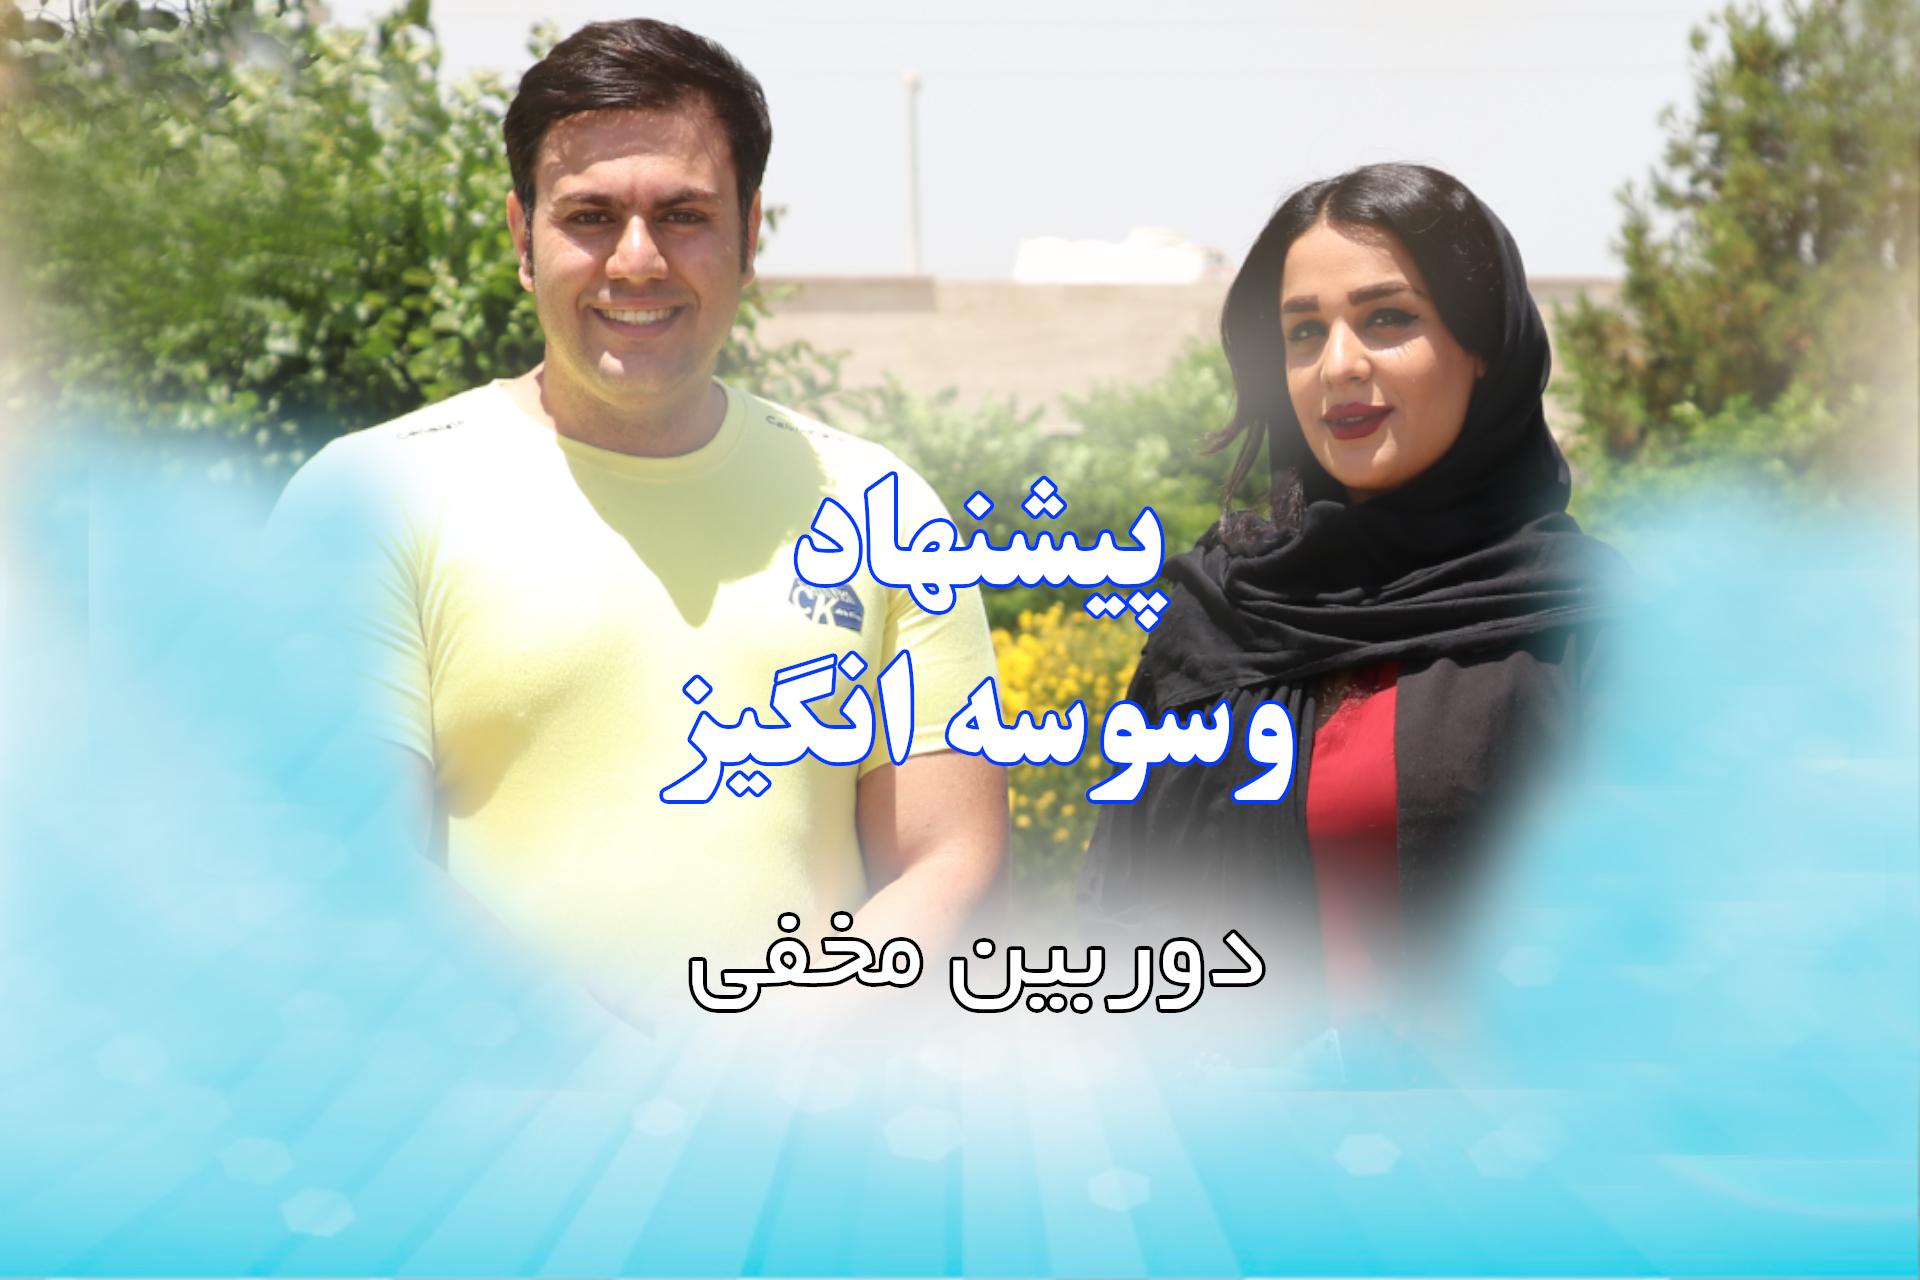 دوربین مخفی پیشنهاد وسوسه انگیز سید امیرحسین شریفی حسینی